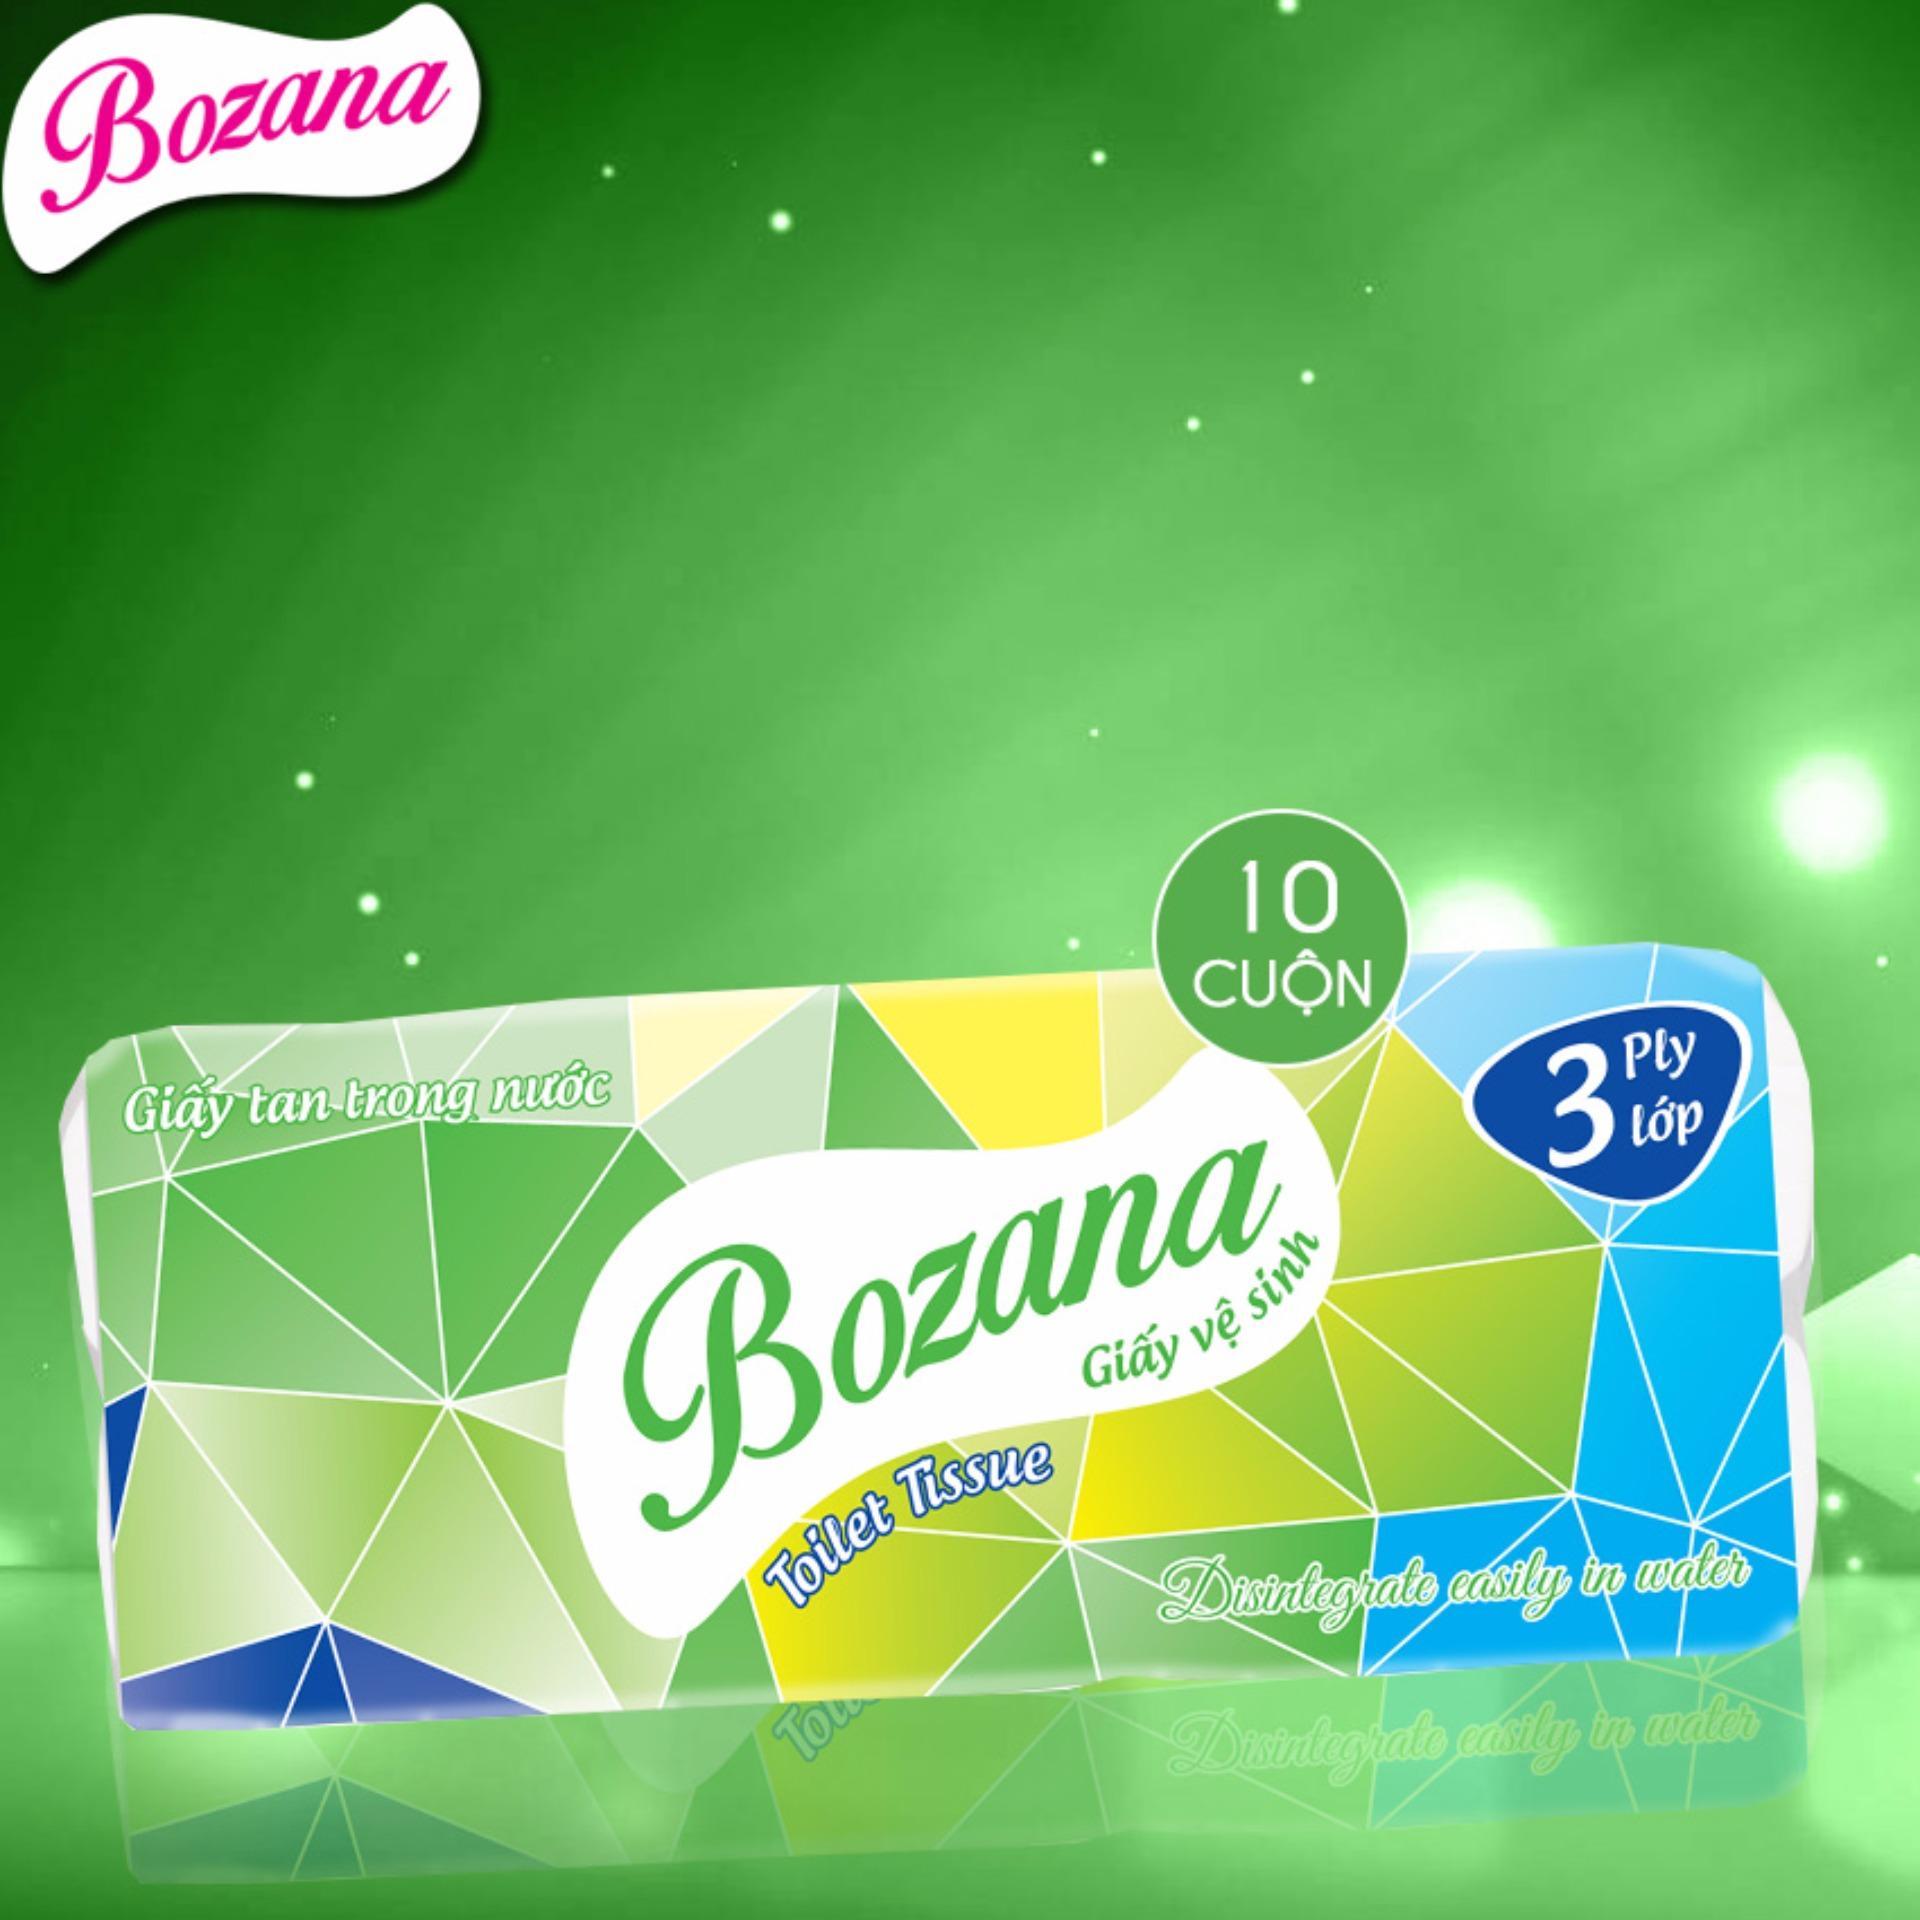 Mẫu sản phẩm Giấy vệ sinh Bozana 3 lớp 10 cuộn không lõi